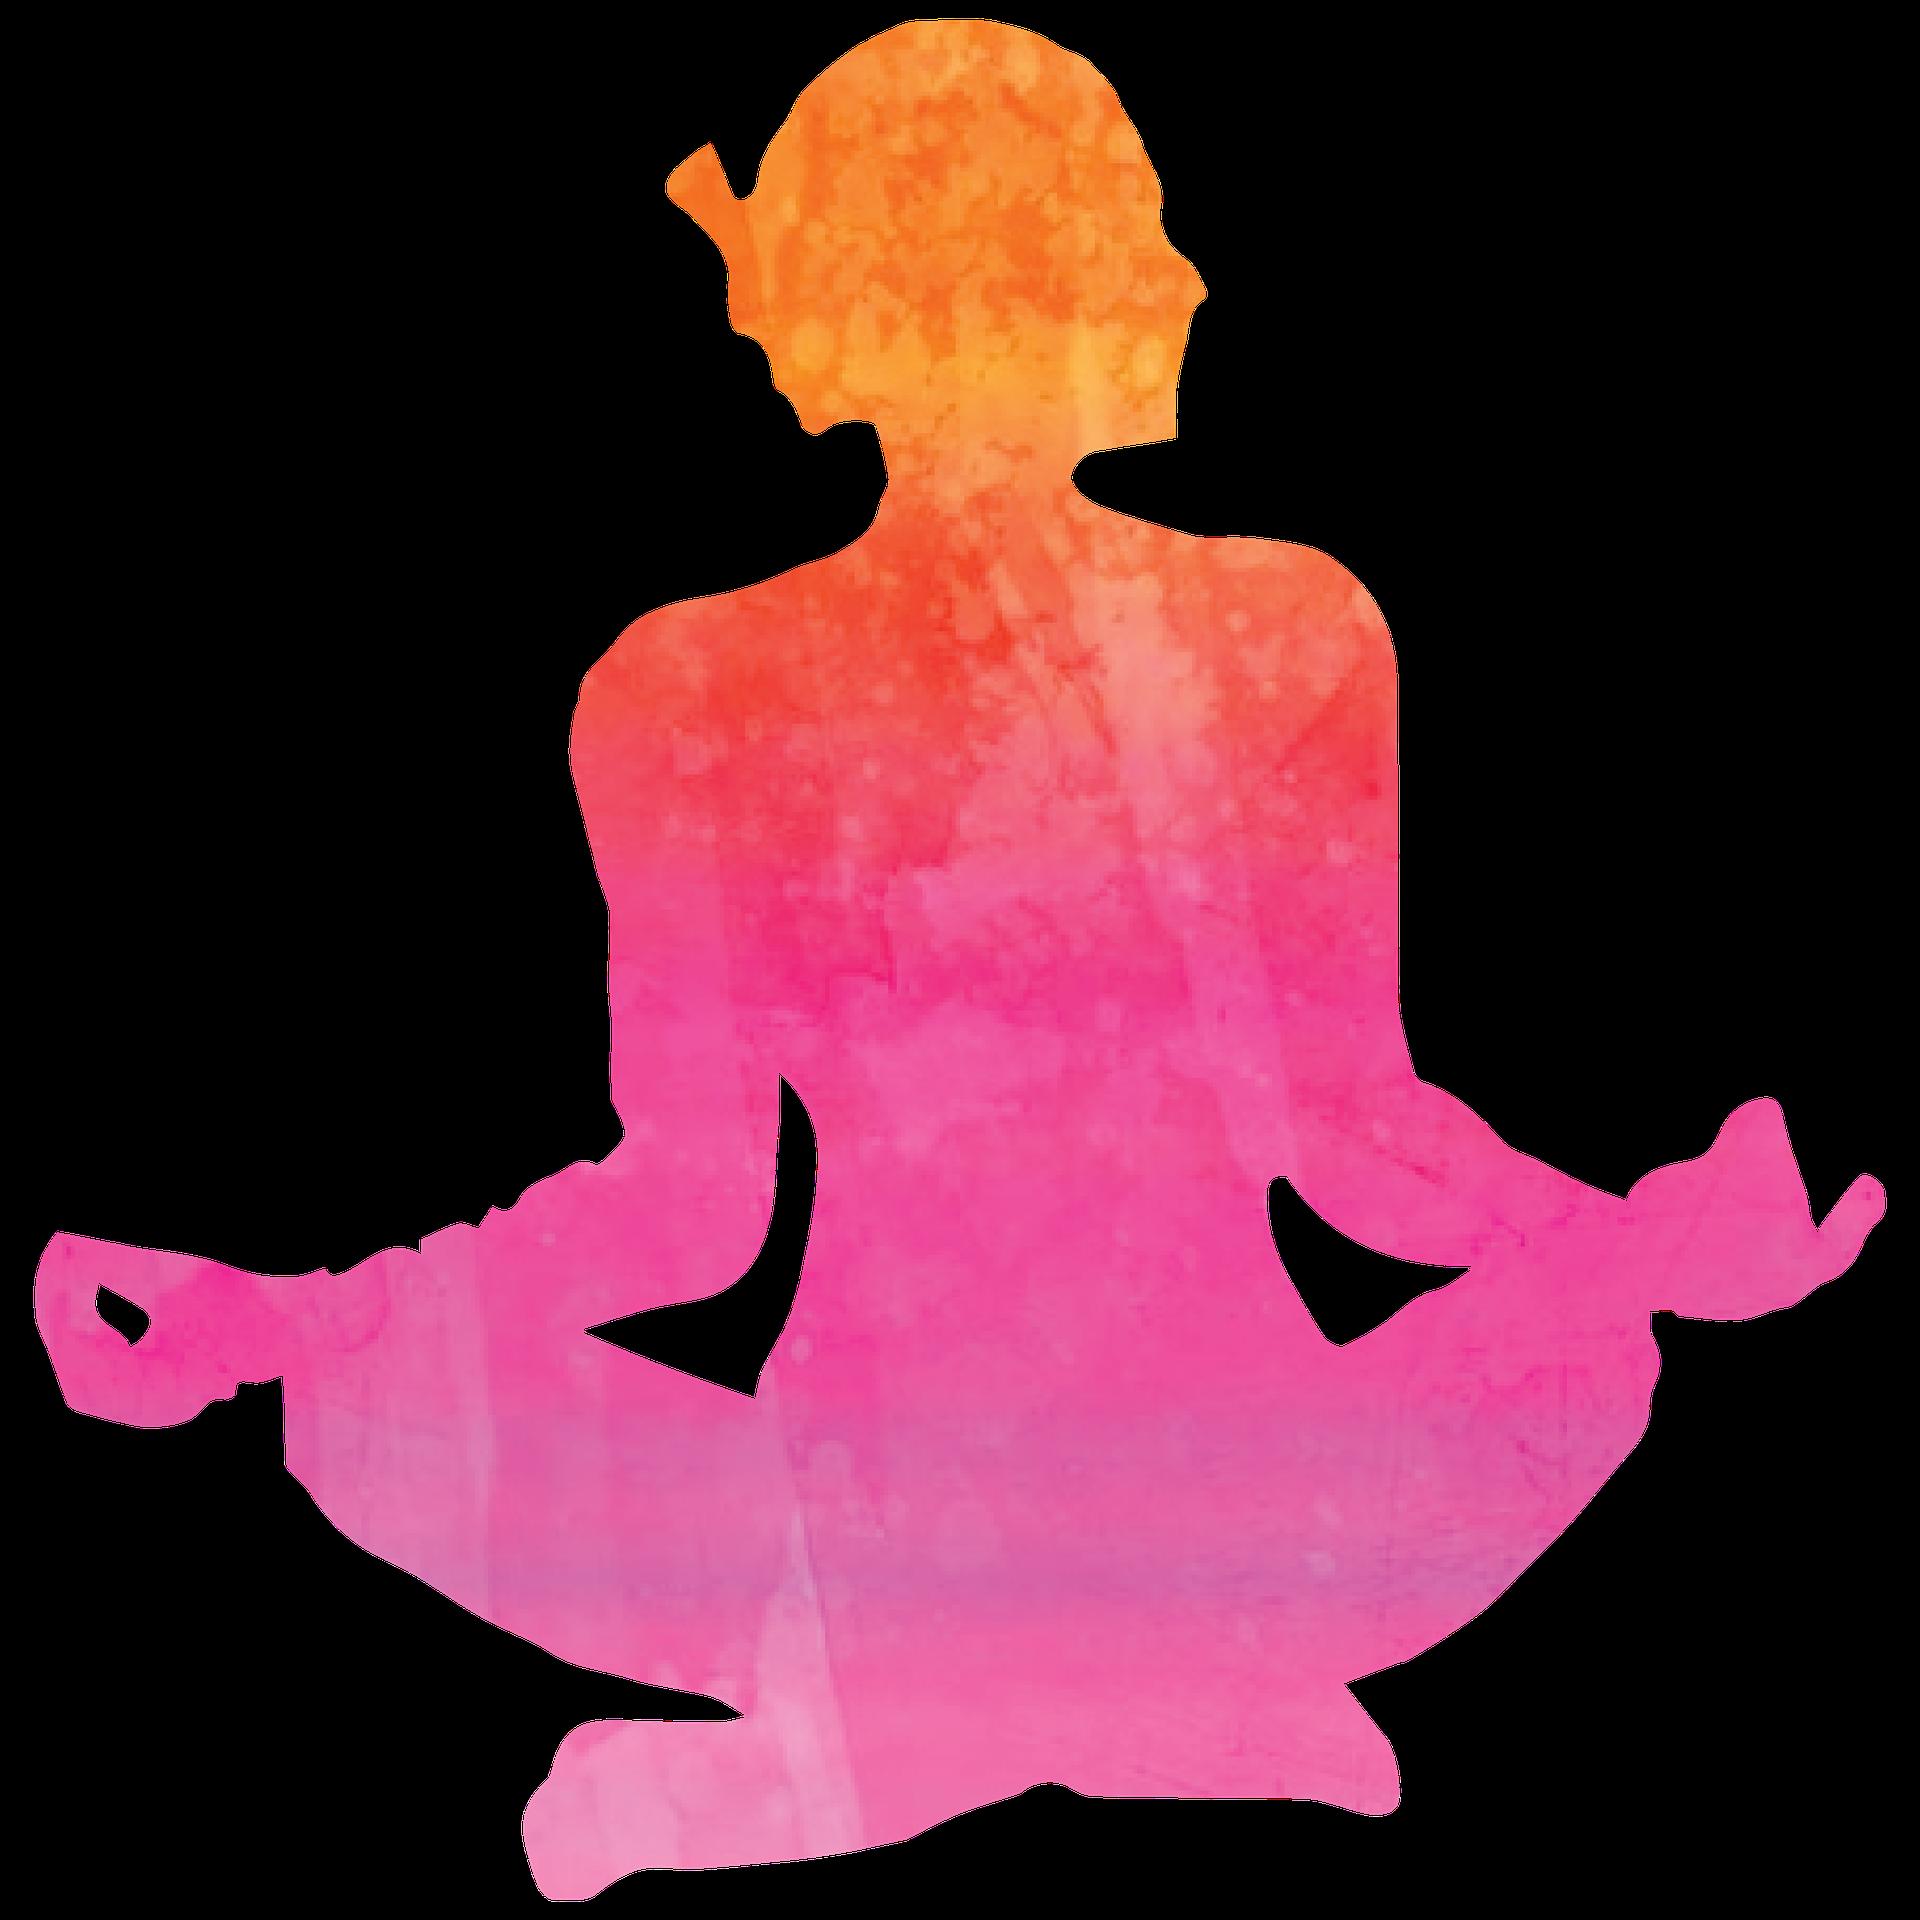 рисунок йога на белом фоне они